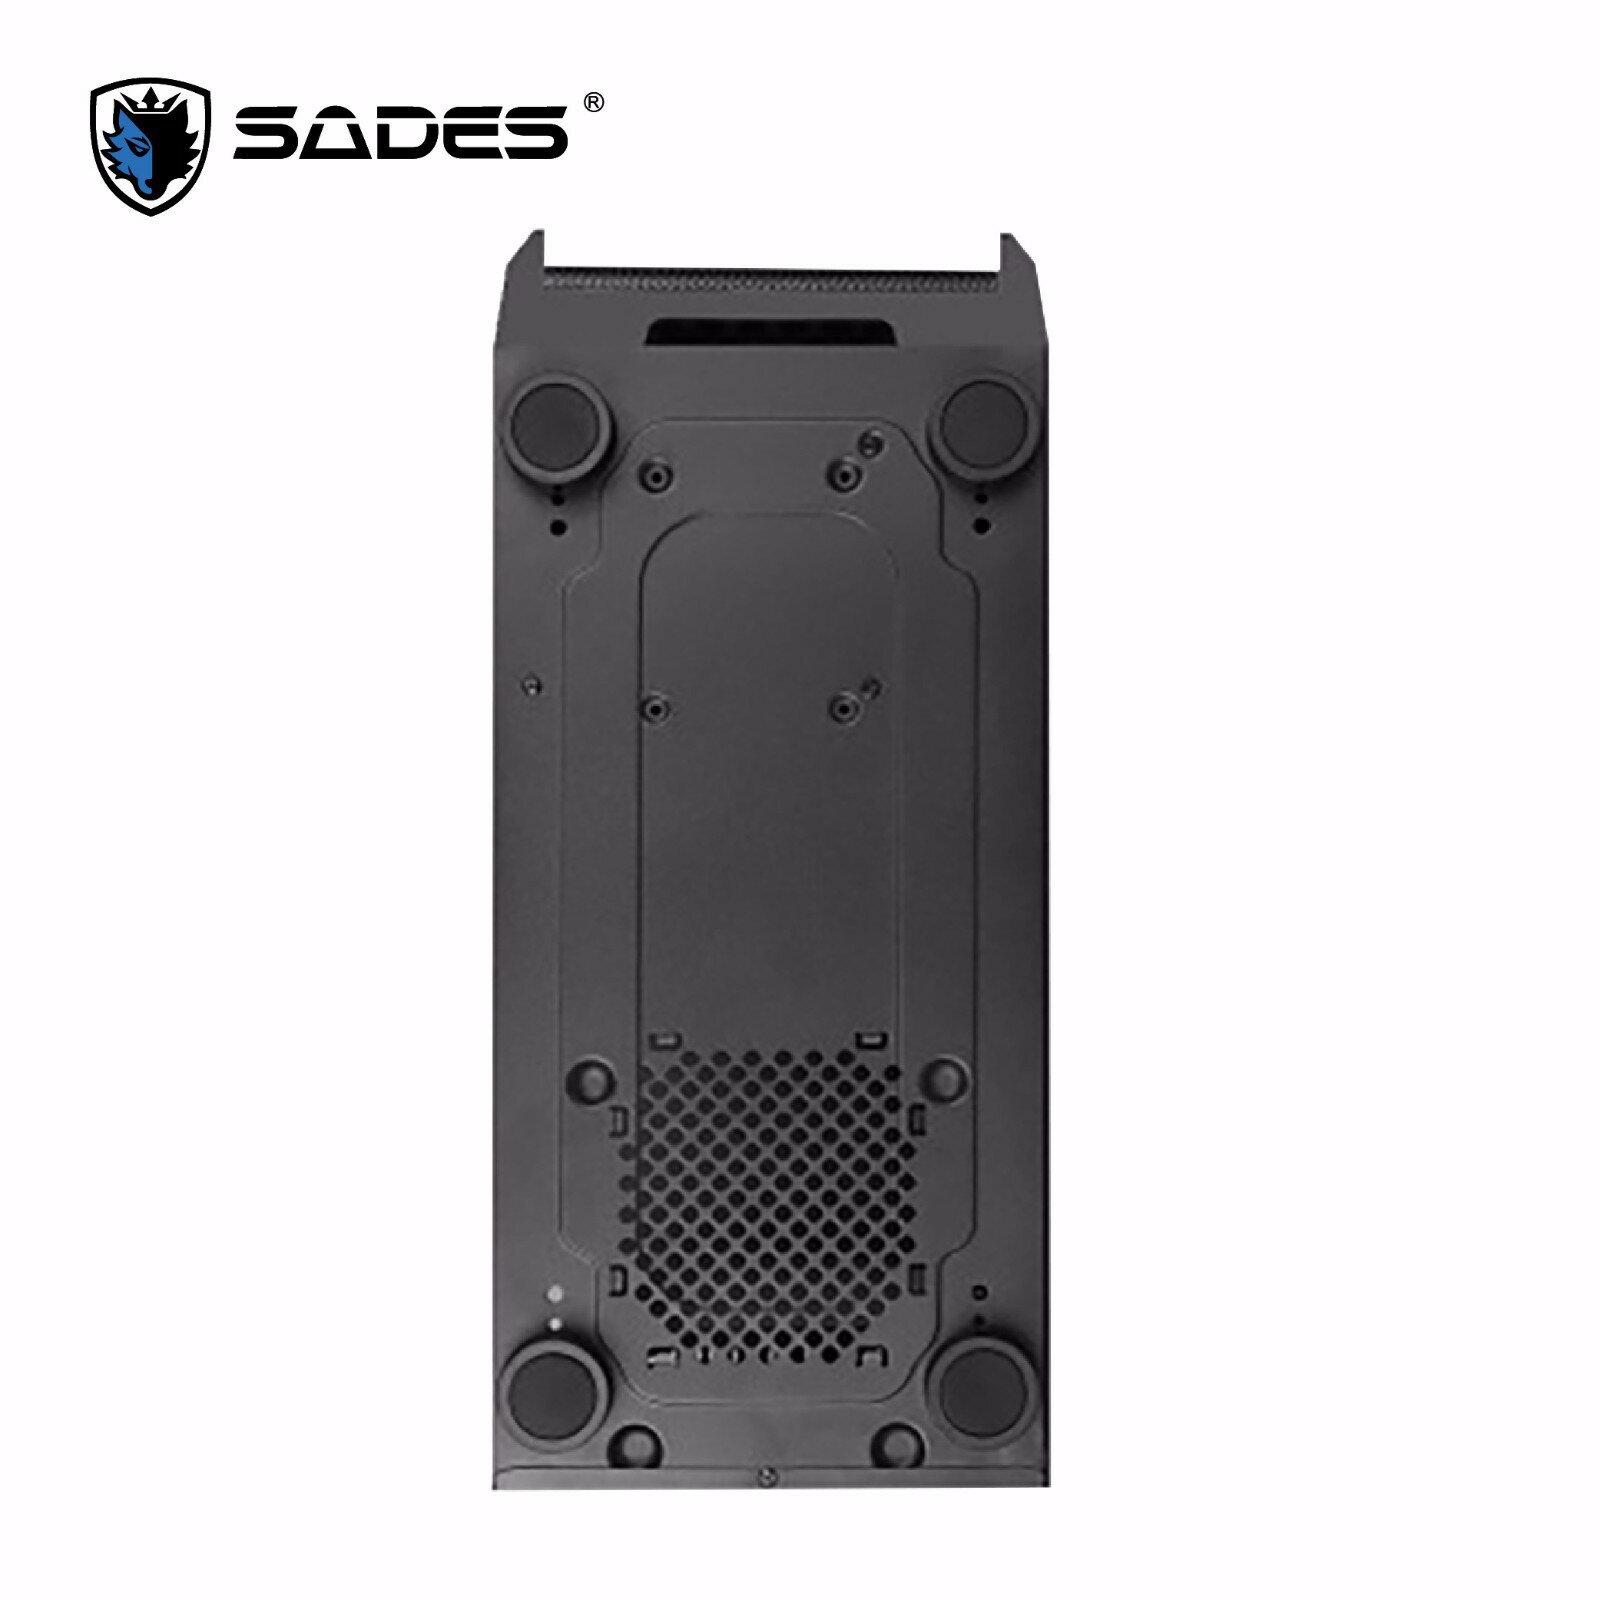 【迪特軍3C】立光代理 SADES 賽德斯 狼王萊肯 強化裝甲機箱 電腦機殼 適用ATX M-ATX ITX 主機板 0.7超厚鋼板 4